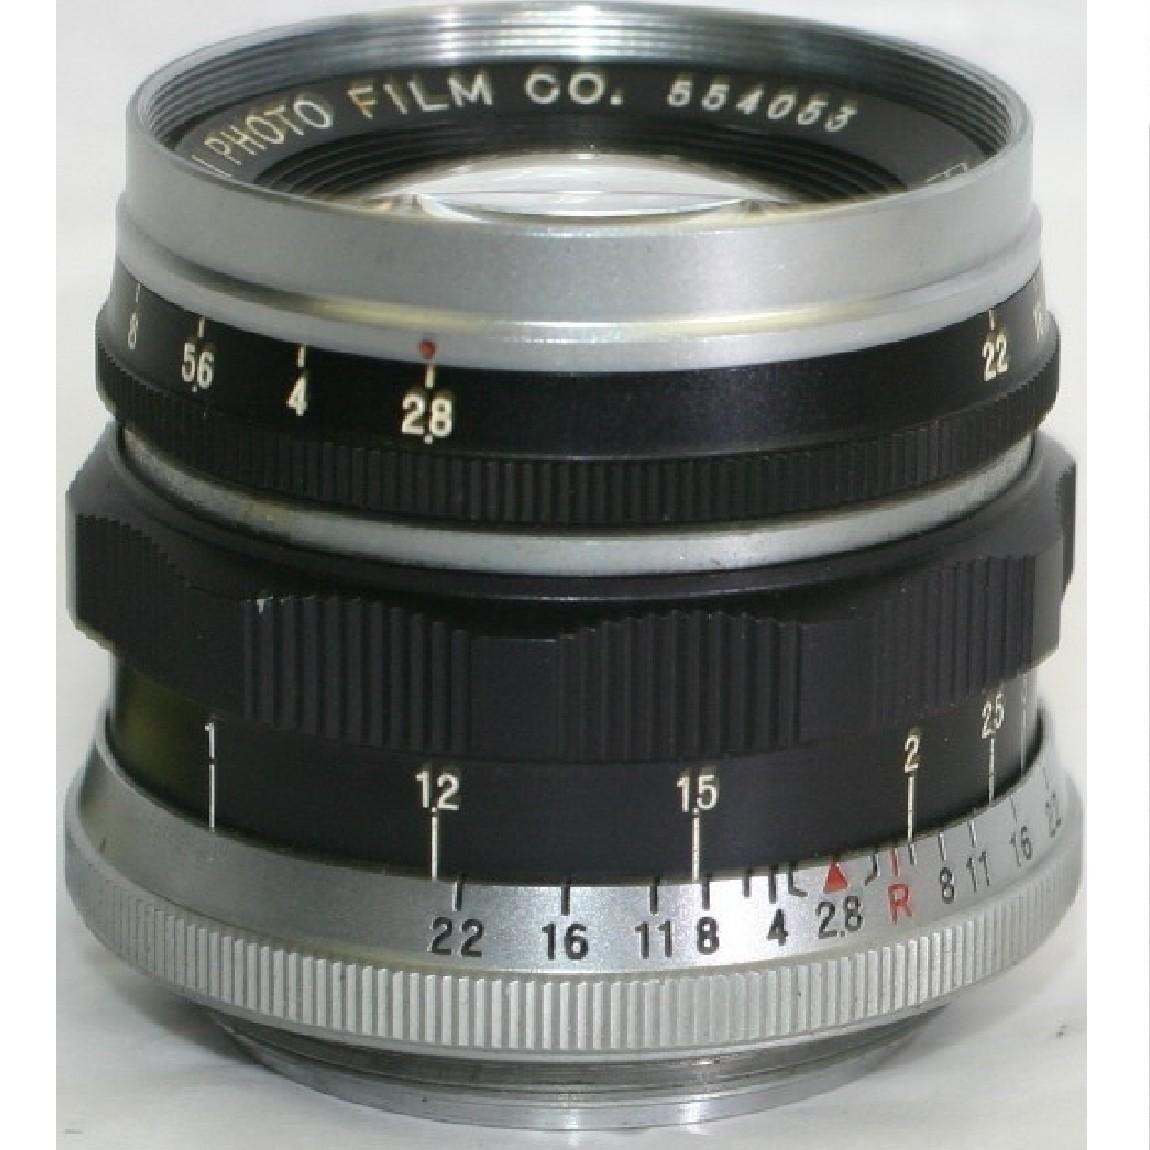 【中古】完動美品フジフィルムのライカスクリューマウントの標準レンズ50mm2,8L動作がスムーズです ○F11-20-1